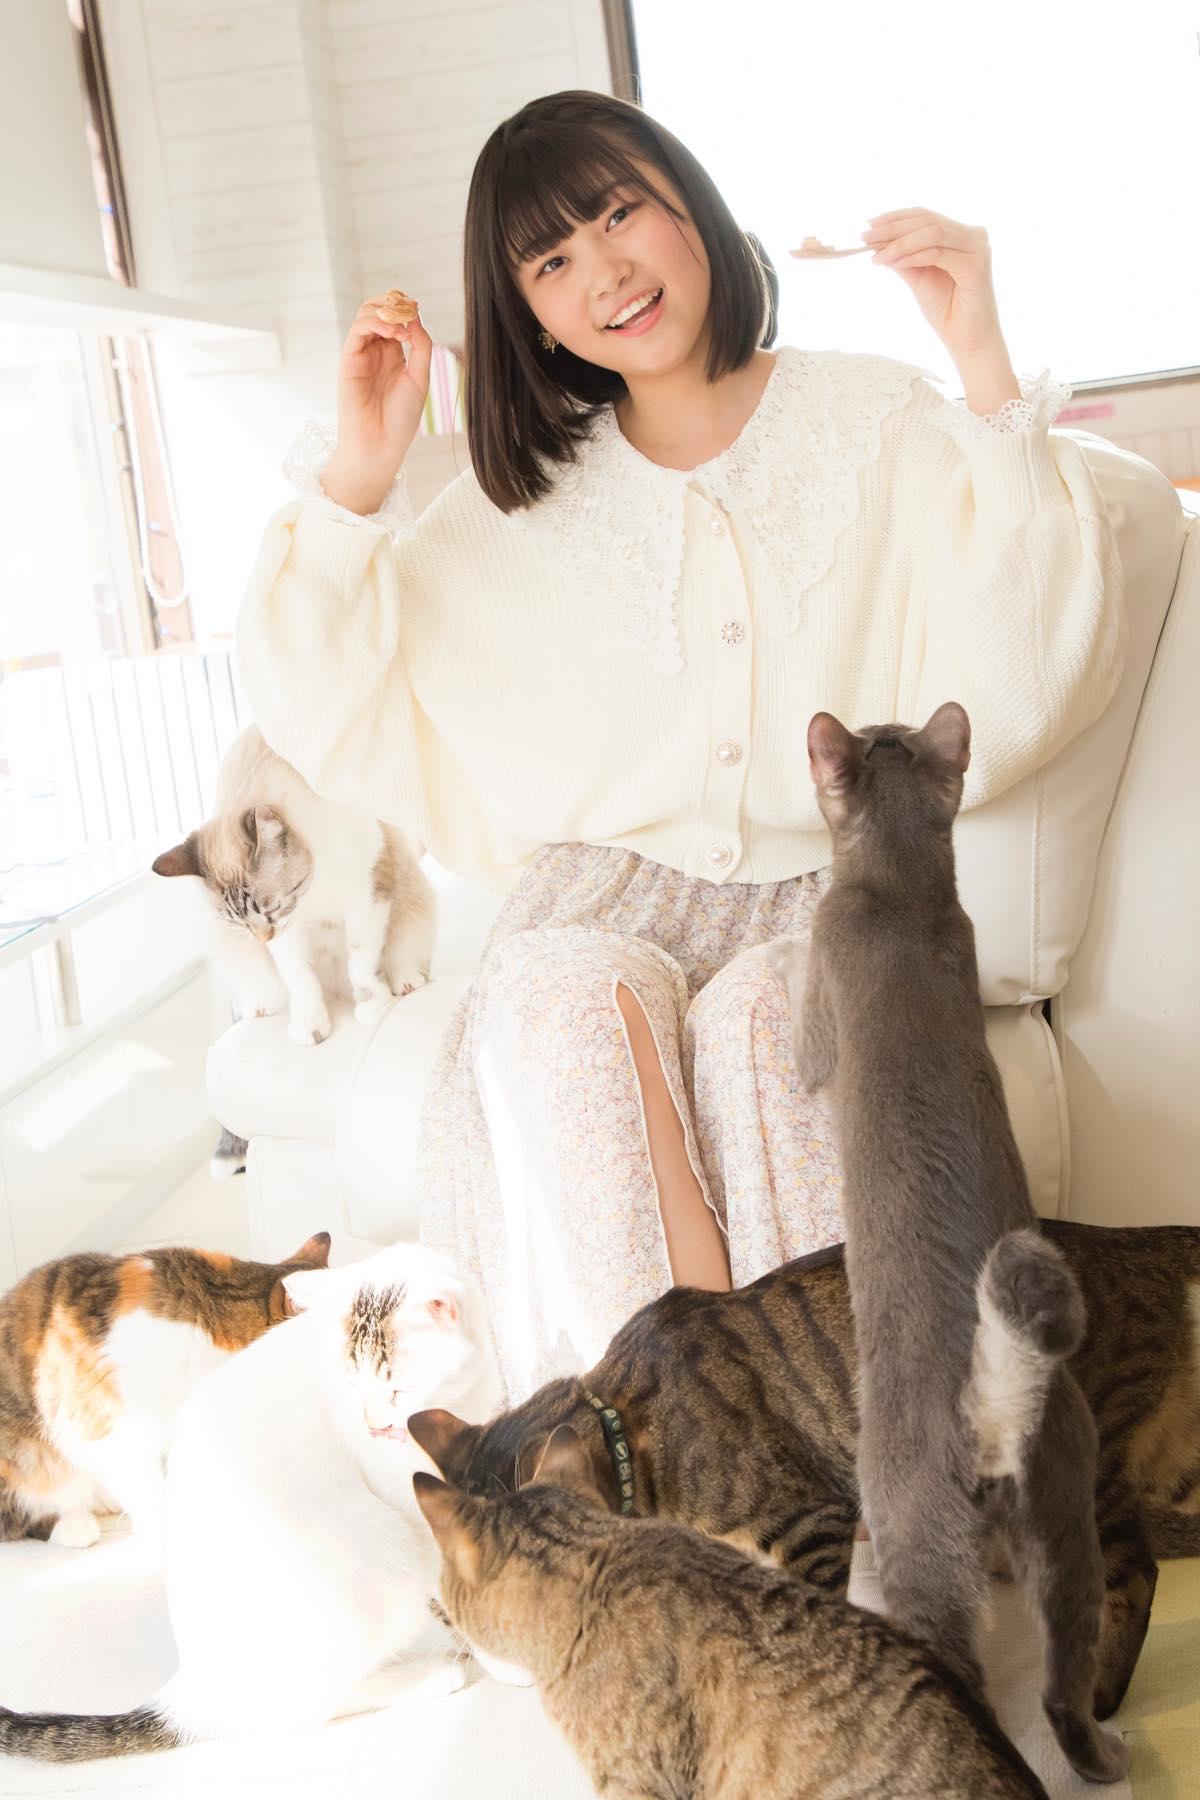 小澤愛実「猫に愛されることはできるのか」【写真48枚】【連載】ラストアイドルのすっぴん!vol.19の画像031